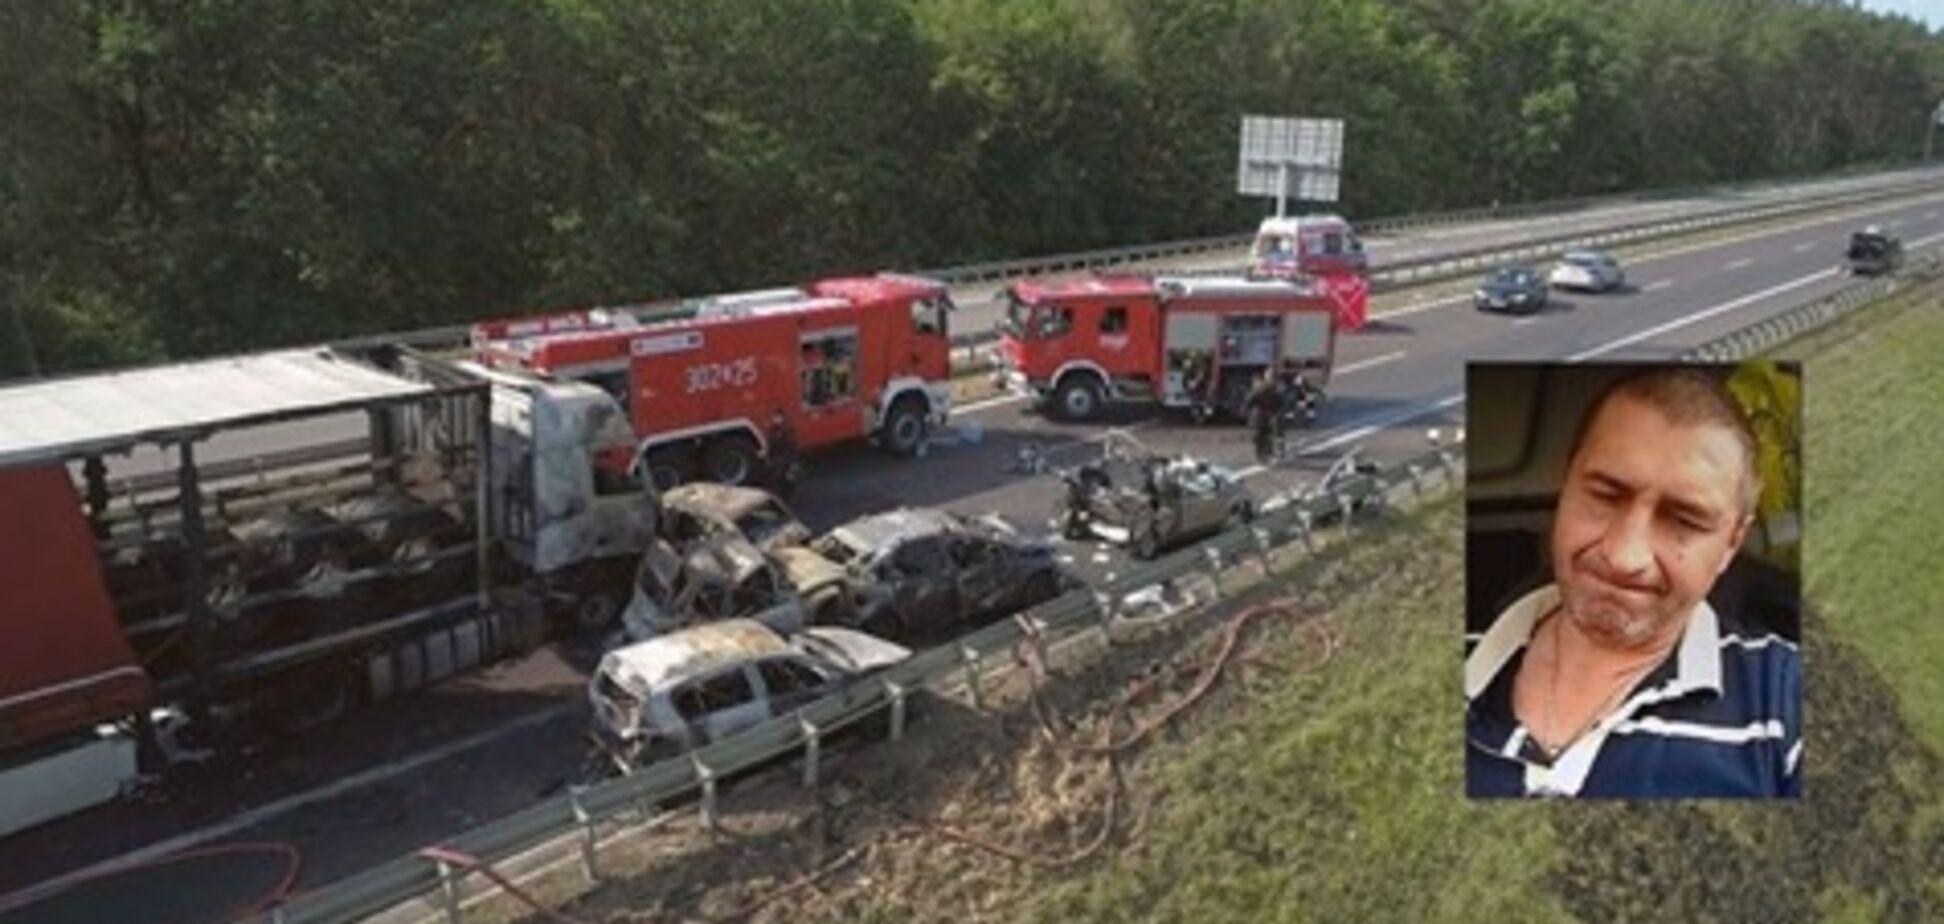 ''Могли сгореть живьем!'' Украинец героически спас пострадавших в жуткой аварии в Польше